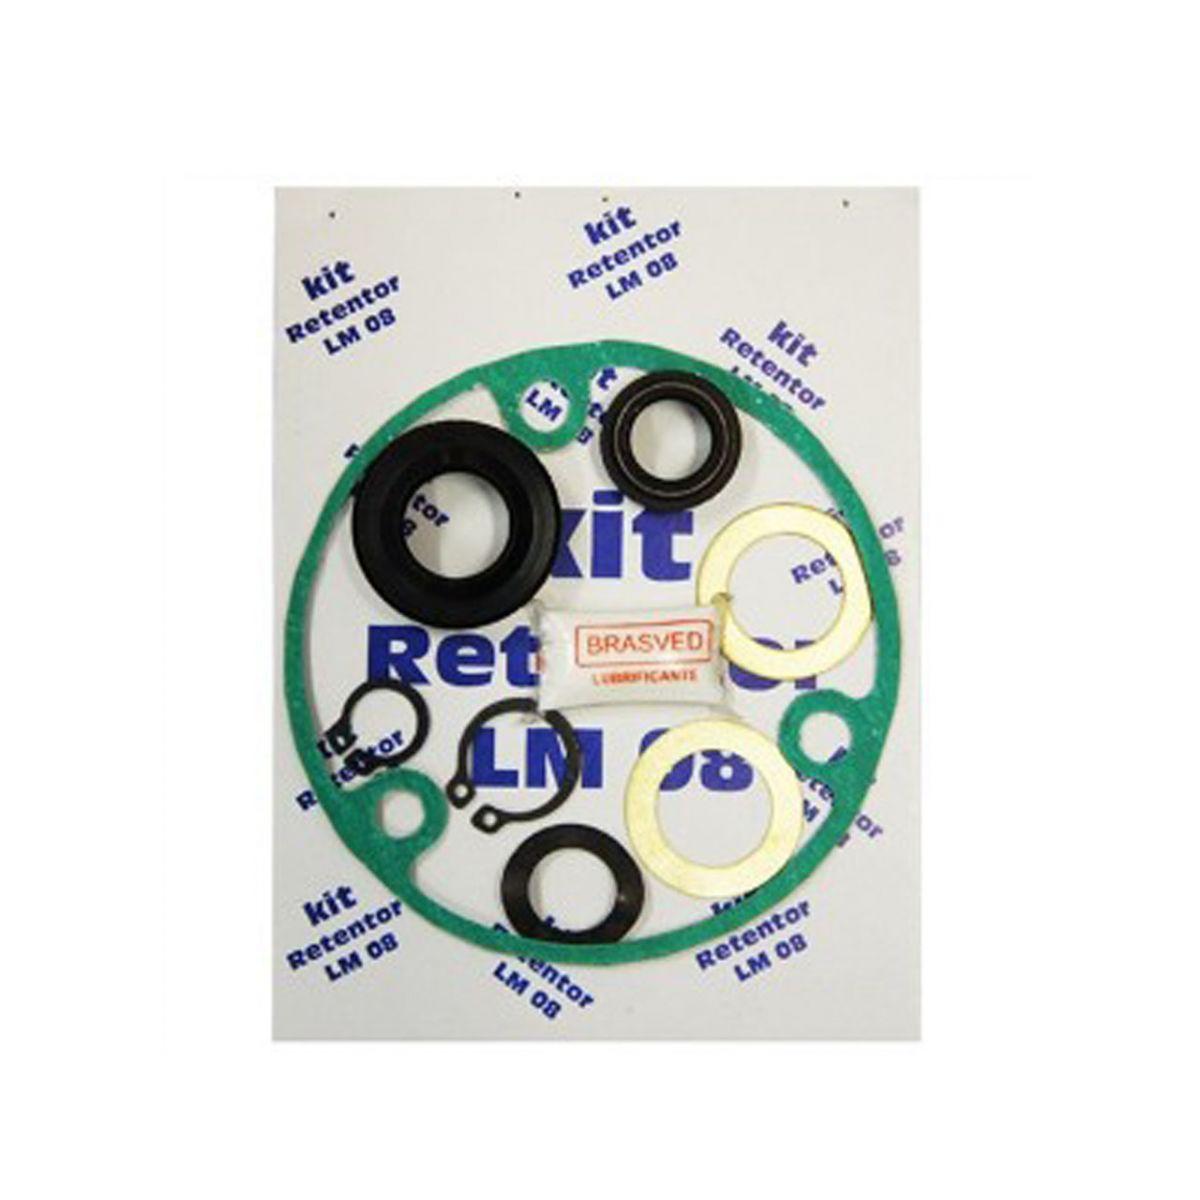 Kit Retentor Cambio P/ Lavadora Electrolux Lm08 LTE09 LTE12 LTC10 LF90 LTR10